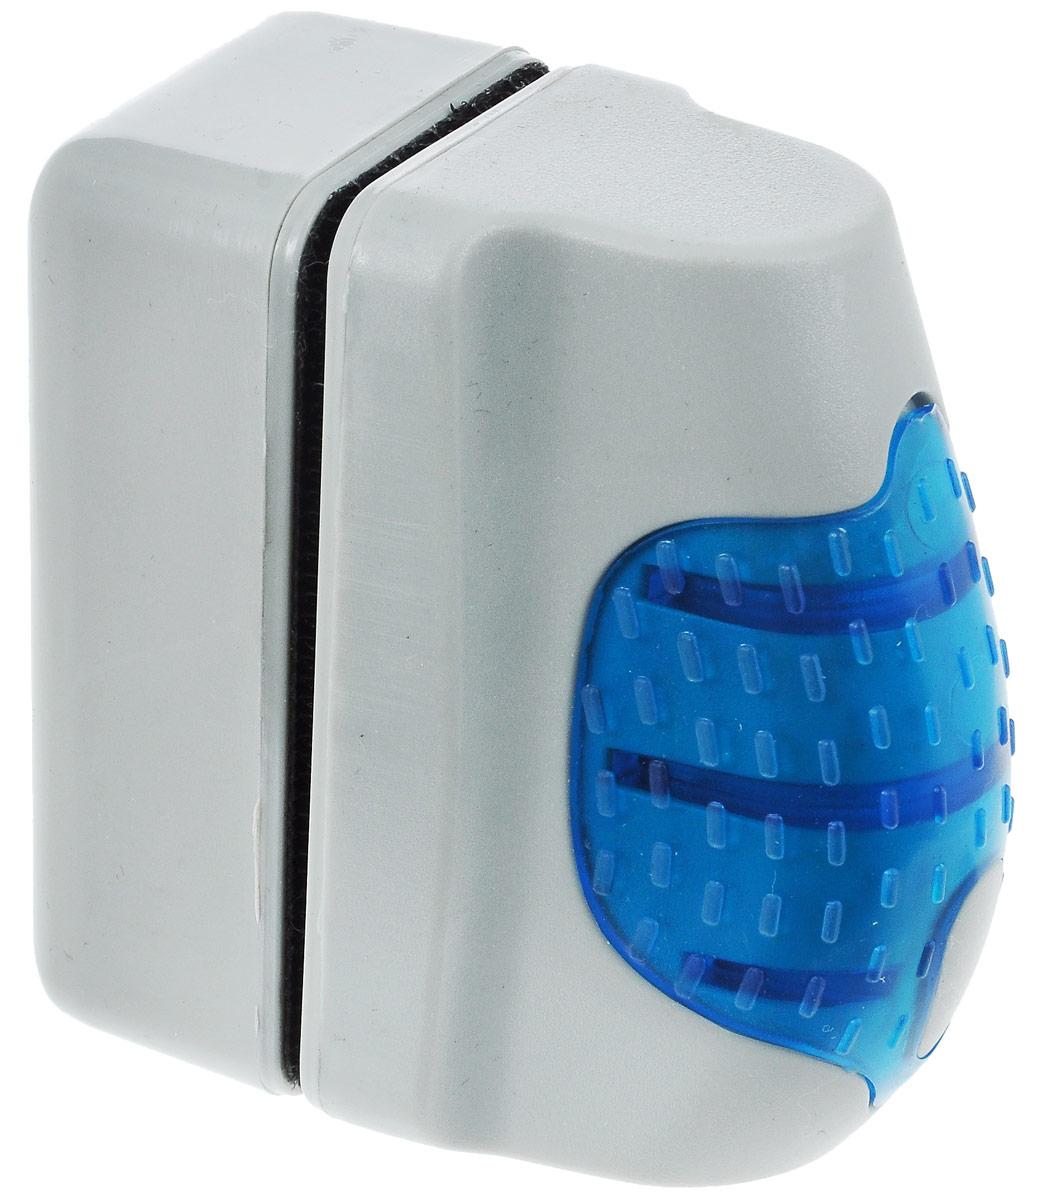 Щетка аквариумная Barbus №1, магнитная, всплывающая0120710Магнитный скребок Barbus №1 предназначен для быстрой и тщательной очистки стекол аквариума от налета и обрастаний. Ключевые преимущества: - Скребок позволяет осуществлять чистку в труднодоступных местах, не прибегая к дополнительному погружению. - За счет эффекта поплавка можно избежать потери скребка на дне аквариума, а за счет мощного магнита можно вернуть его в нужное положение. - Инновационный материал подушечек позволяет эффективно удалять водоросли со стекла, не нанося при этом царапин на поверхность. Размер рабочей поверхности скребка: 7 х 3,5 см.Общий размер: 6,5 х 3,5 х 7 см.